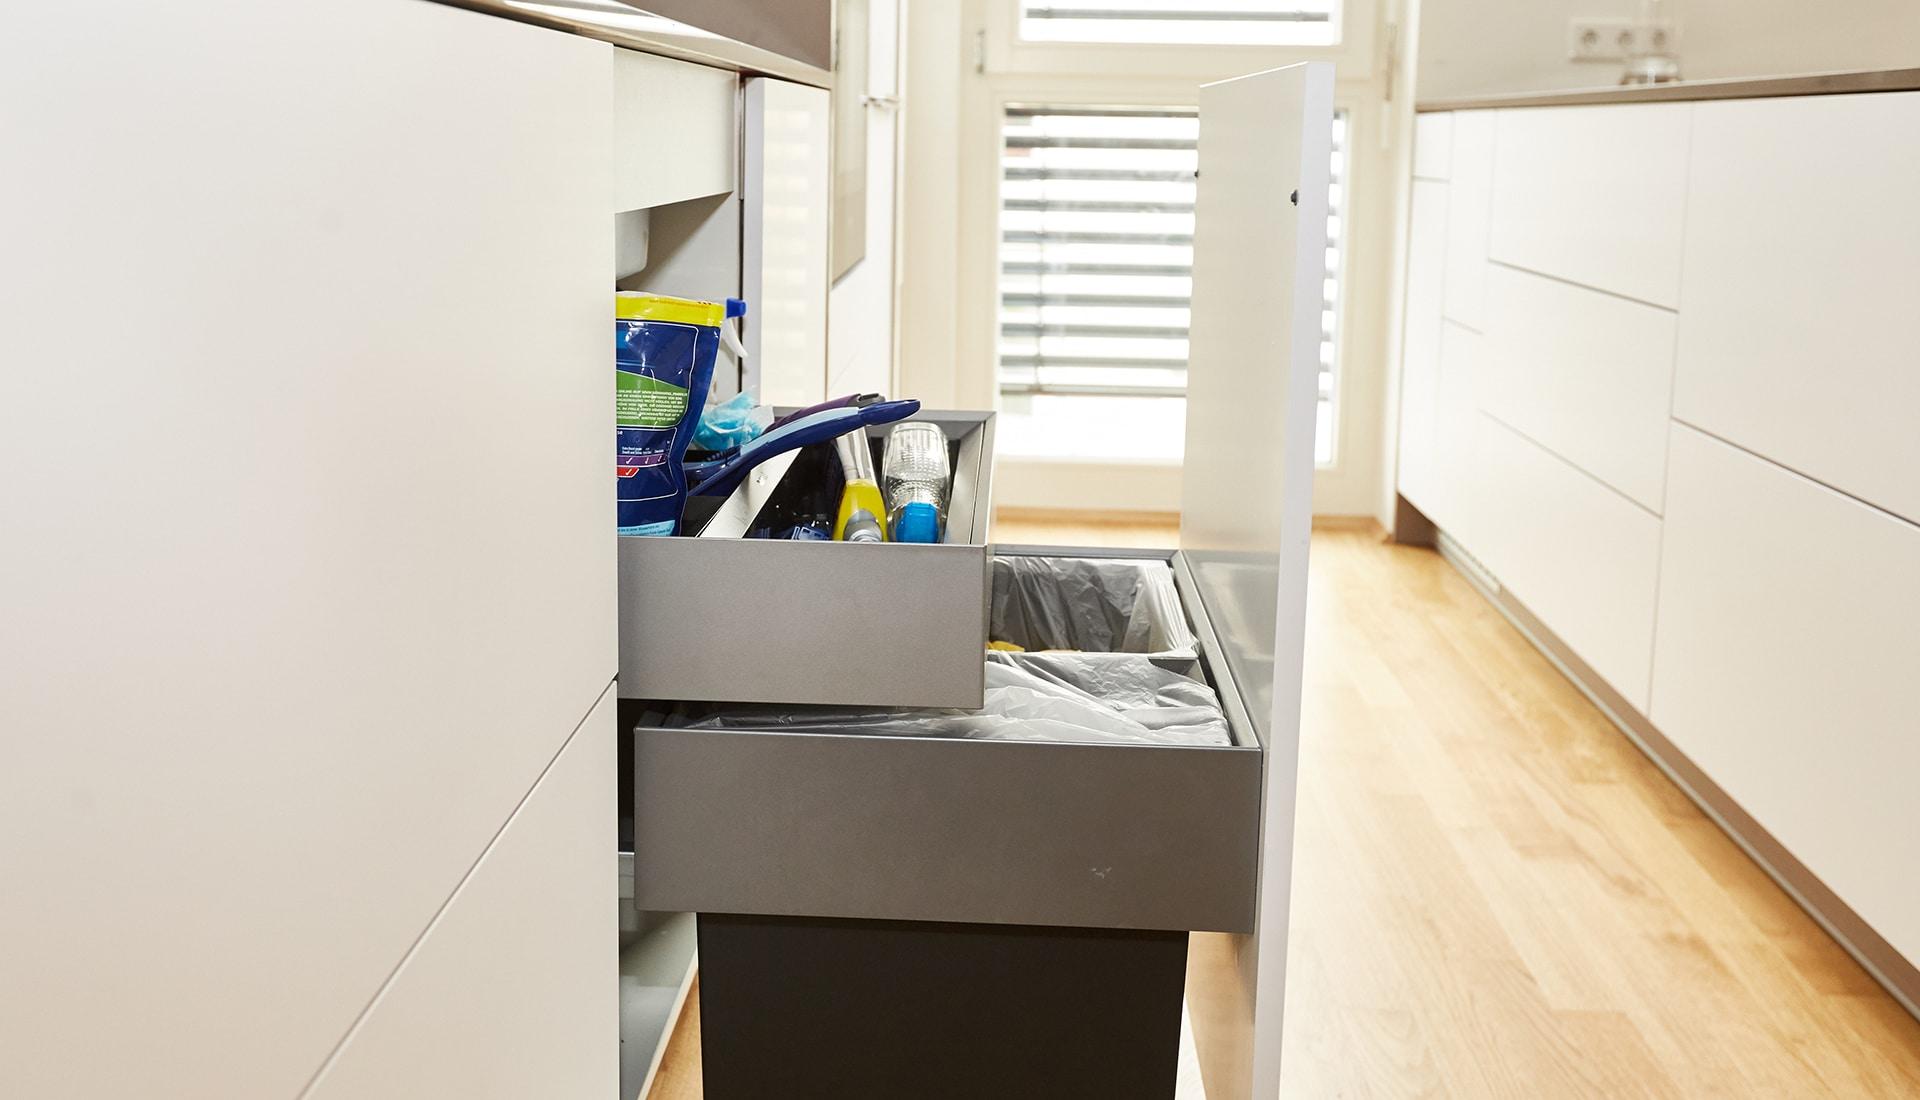 Großartig Benutzerdefinierte Küchenschranktüren Ikea Ideen - Ideen ...